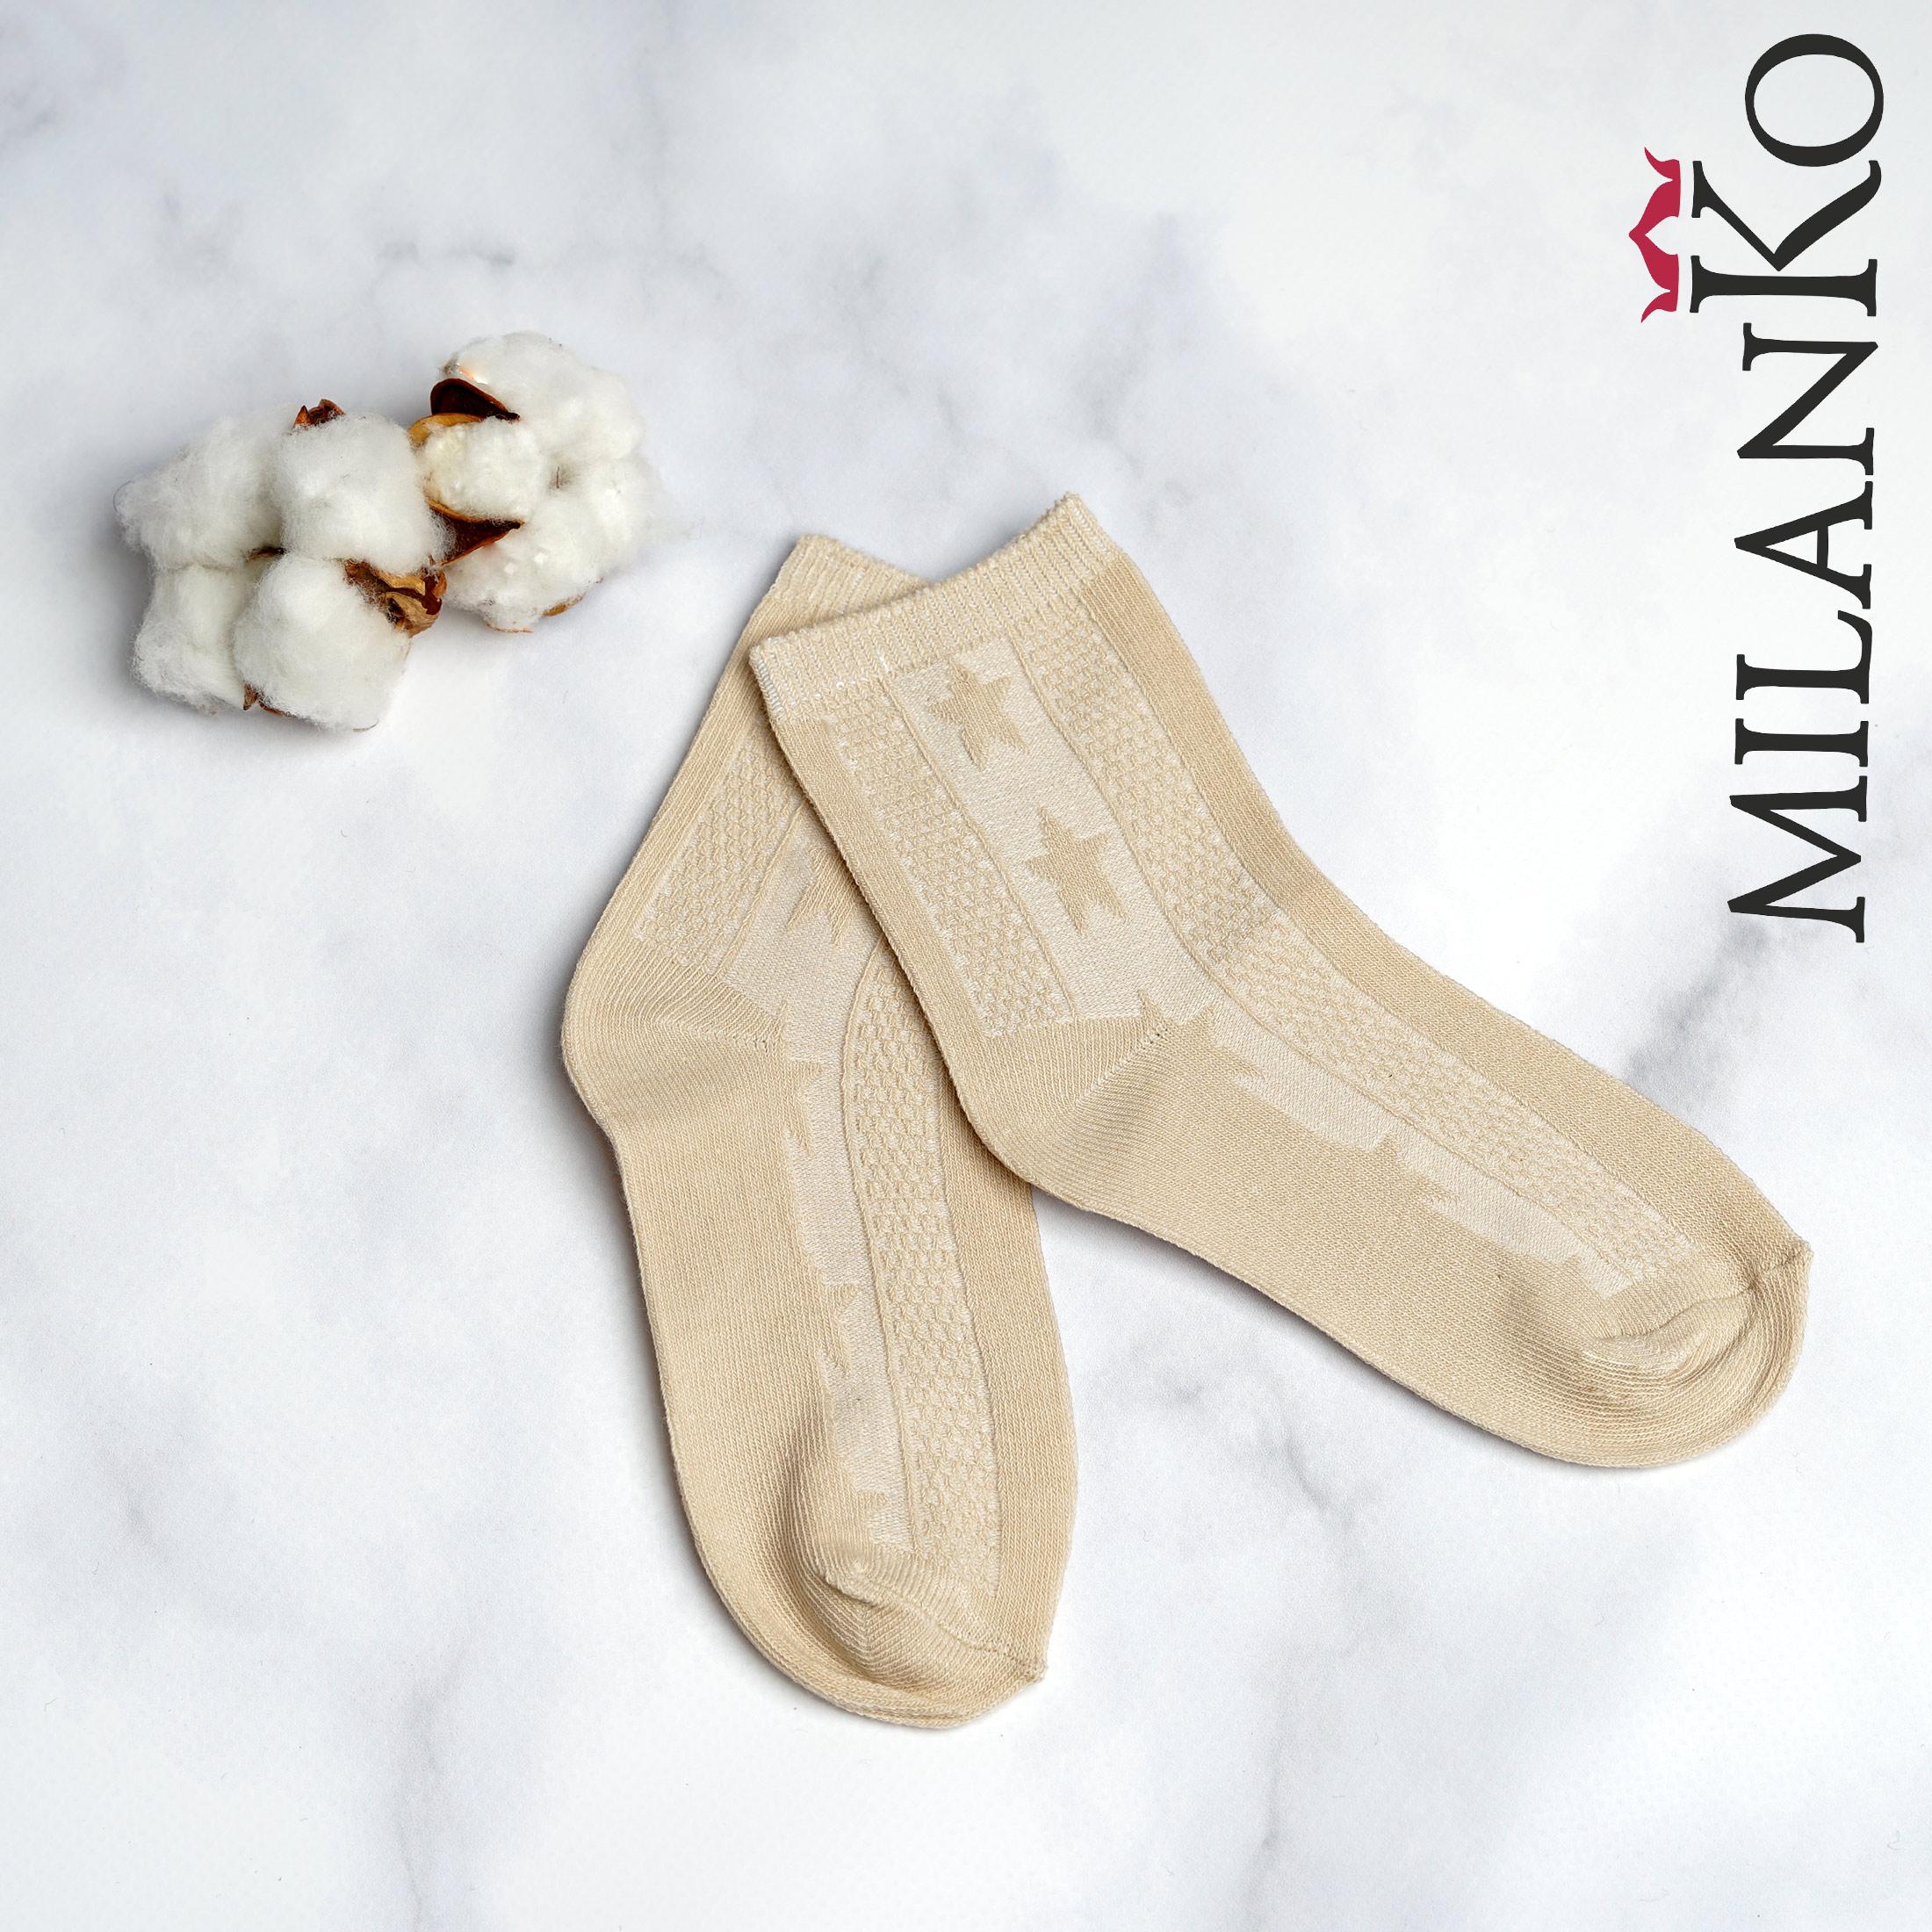 Подростковые носки летние c выбитым рисунком (Узор 2) MilanKo IN-176